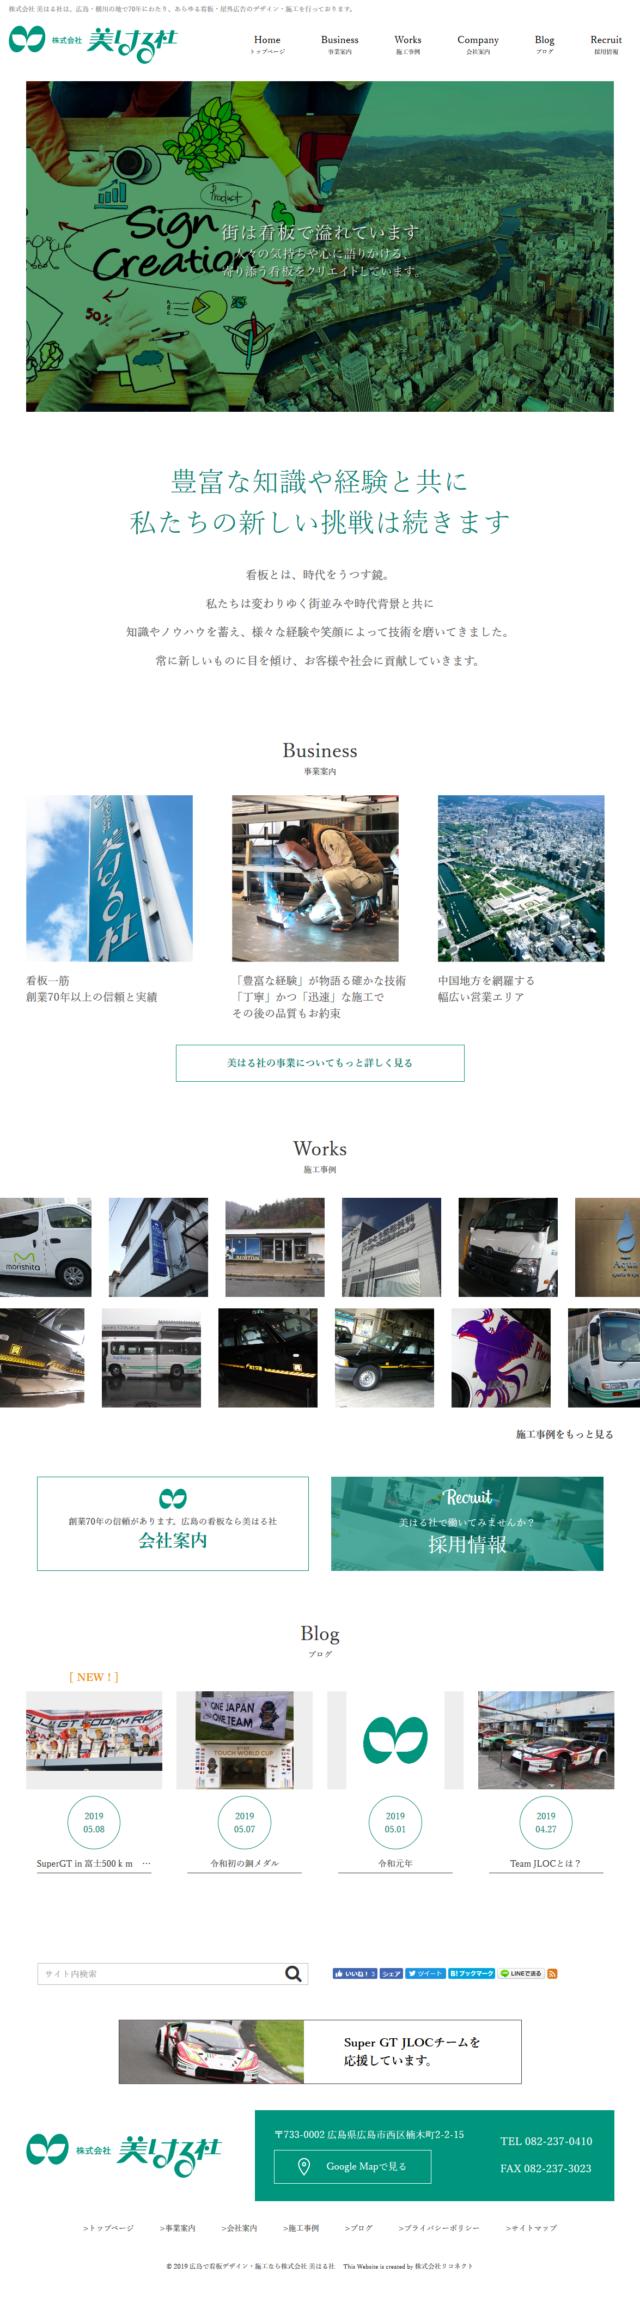 広島県広島市 看板・屋外広告のデザイン・施工 美はる社 様